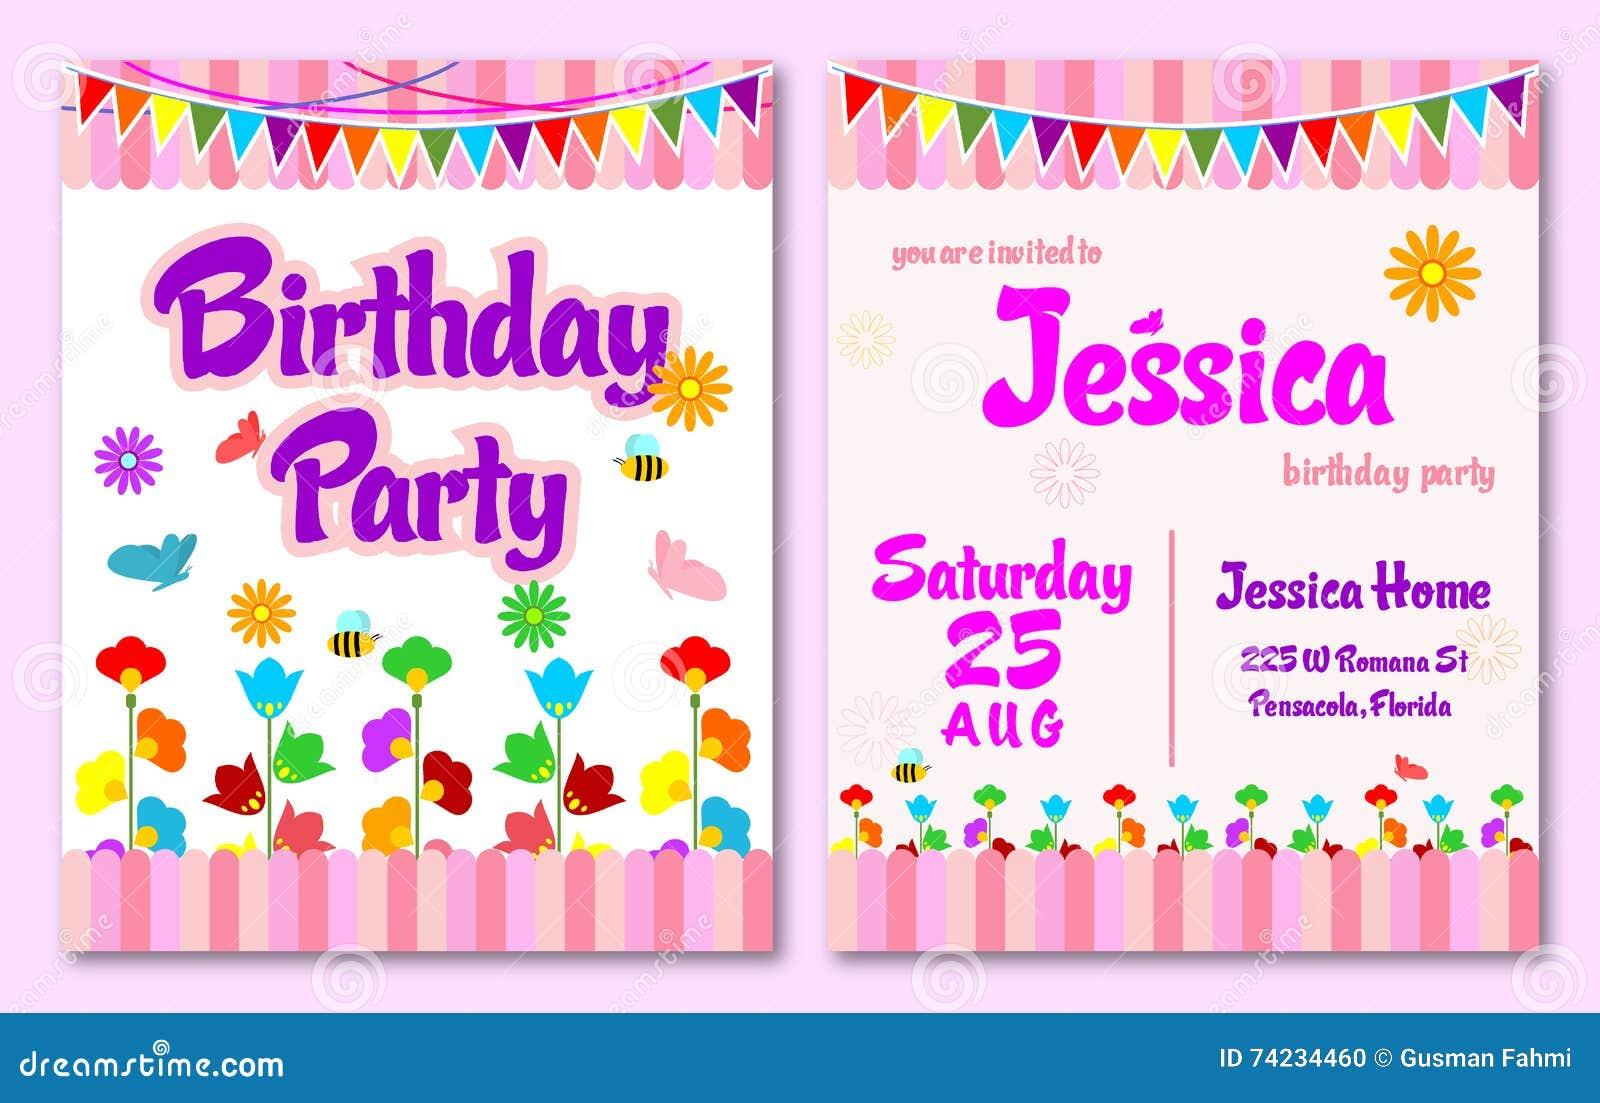 De roze van de de tuinverjaardag van de themabloem kaart van de de jonge geitjesuitnodiging